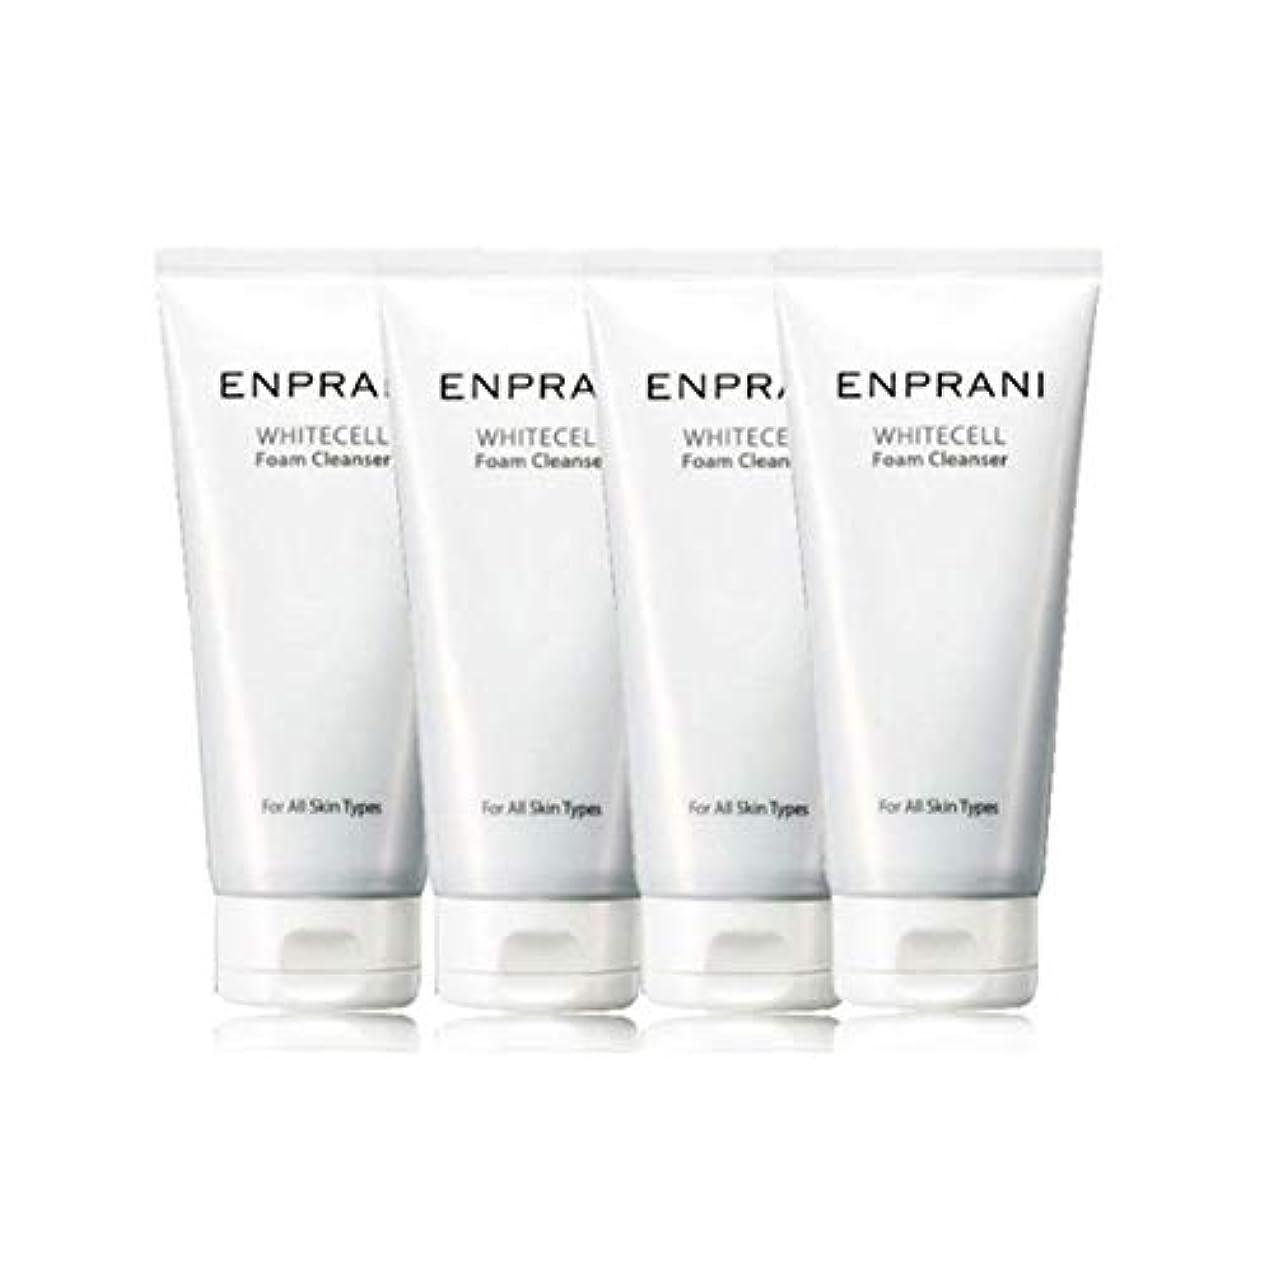 国砂の冷ややかなエンプラニホワイトセル、フォームクレンザー100mlx 4本セット毛穴洗浄 皮膚管理、Enprani White Cell Foam Cleanser 100mlx 4ea Set Pore Cleaning Skin...